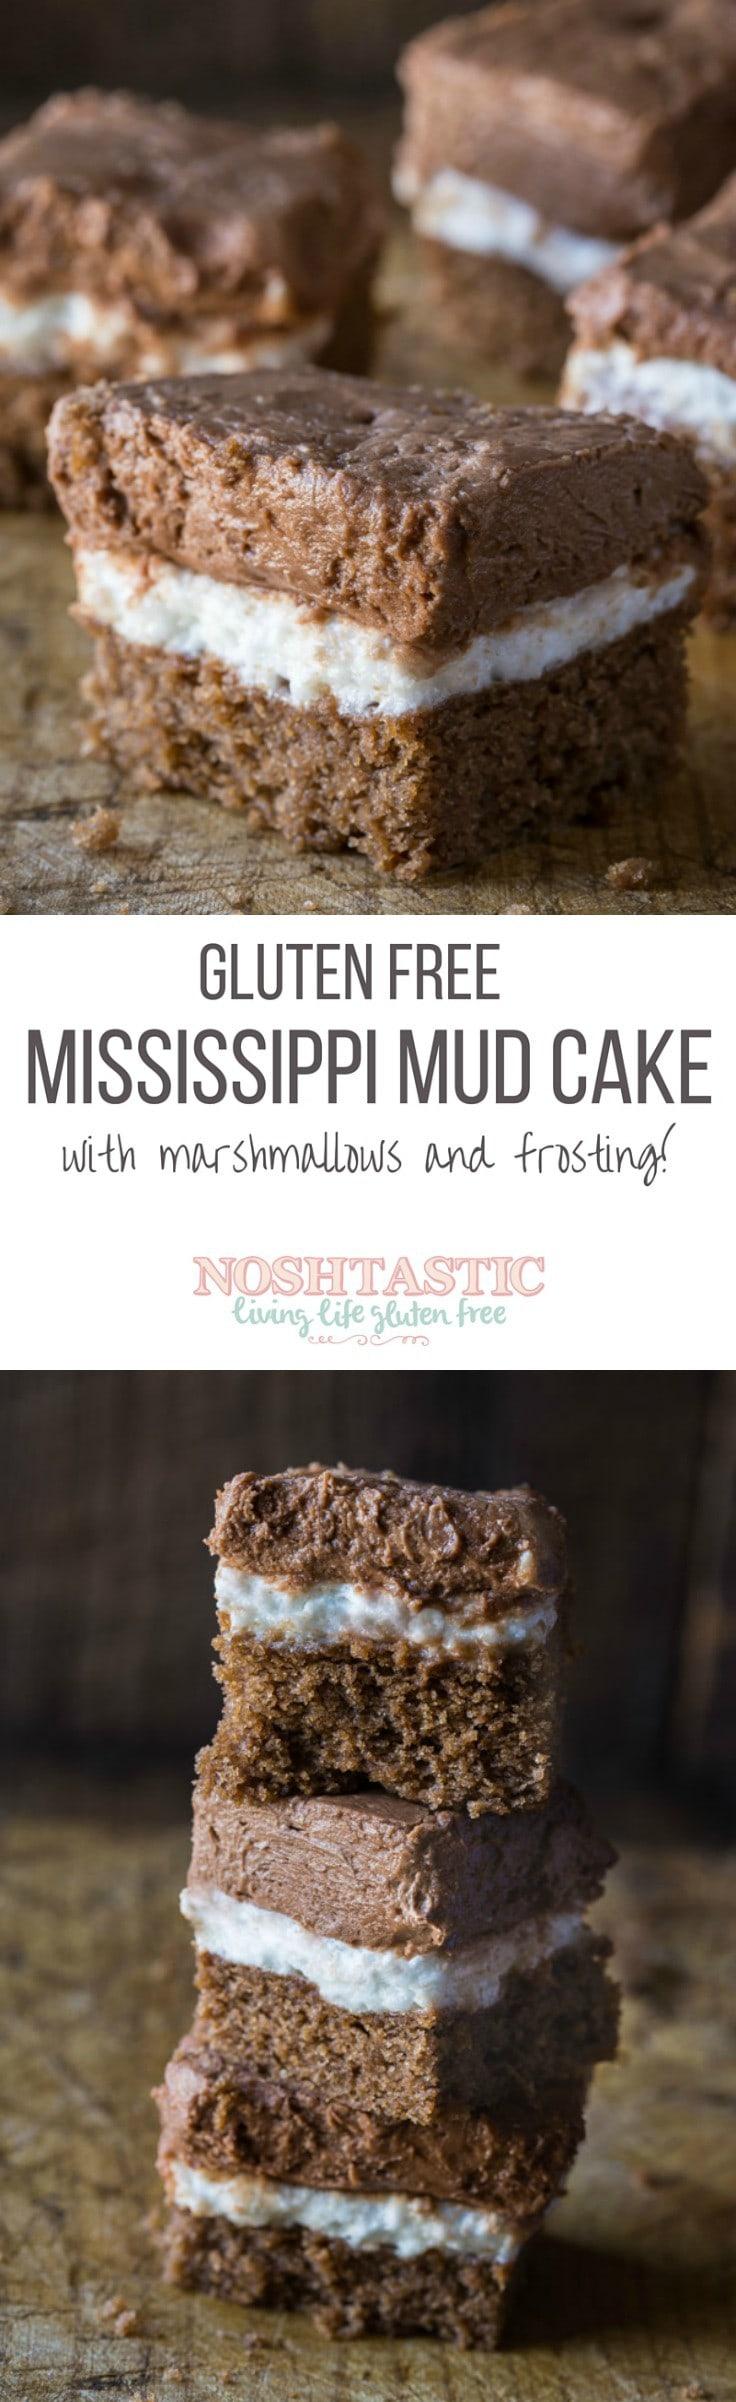 Gluten Dairy Free Chocolate Mud Cake Recipe